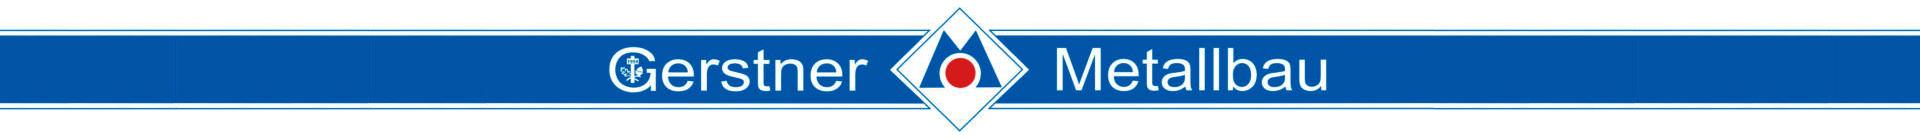 Gerstner Metallbau GmbH